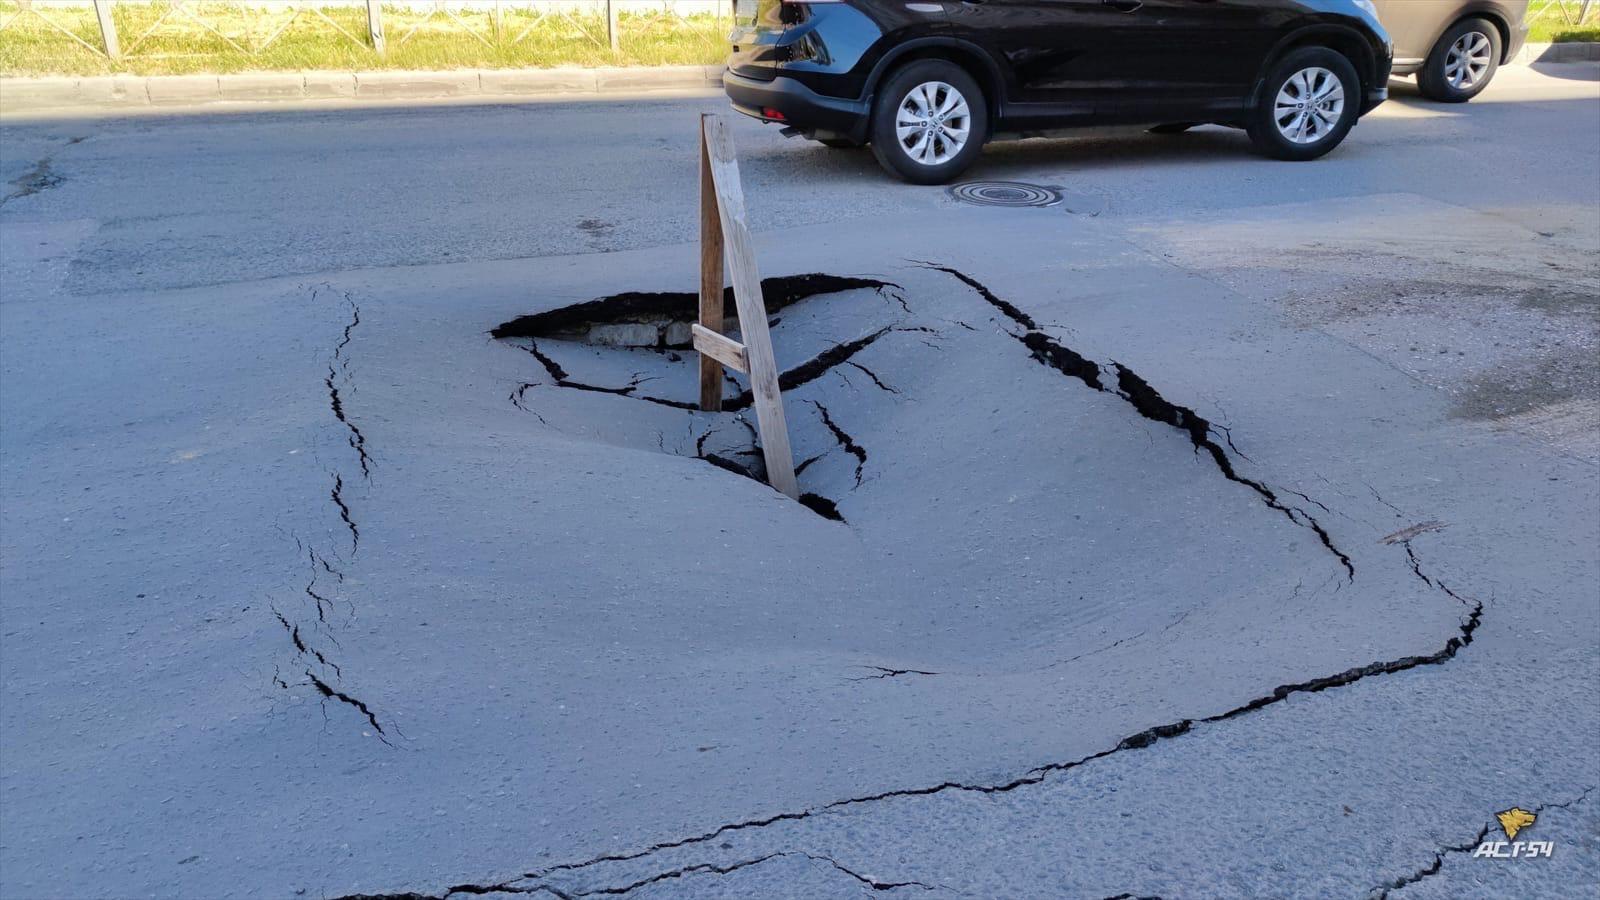 Фото Асфальт провалился на дороге в центре Новосибирска 2